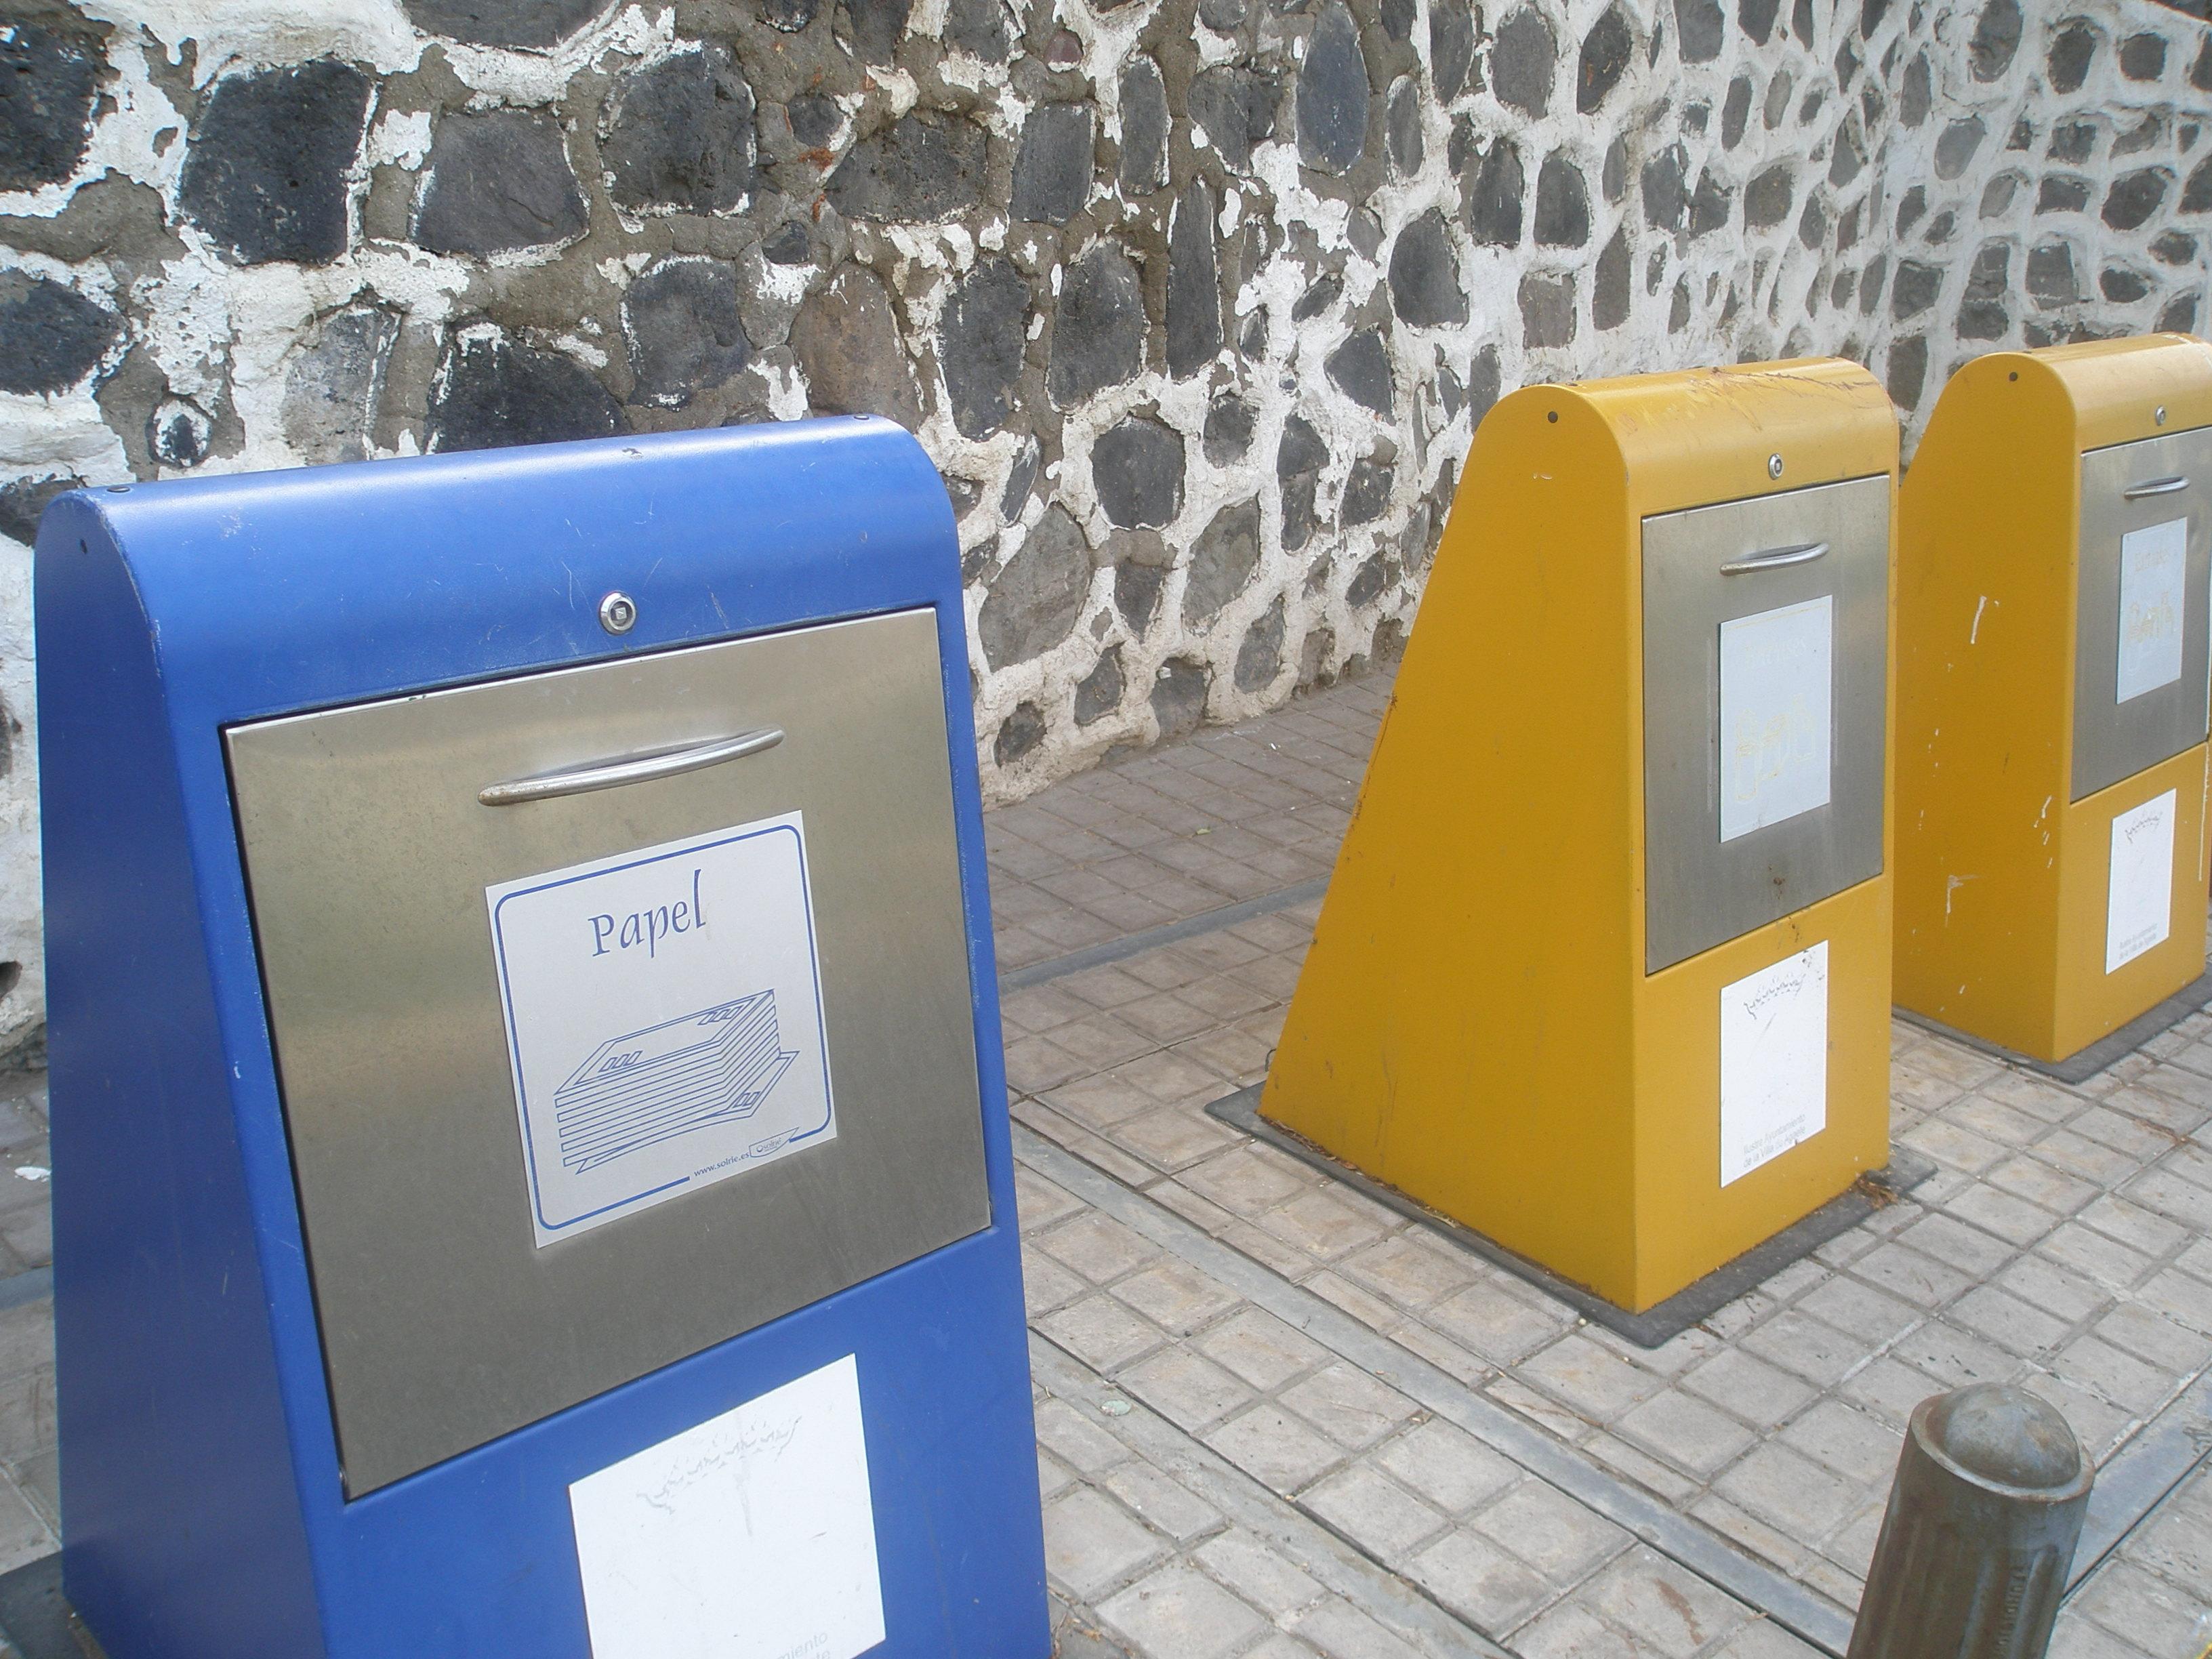 pozzi per la raccolta differenziata dei rifiuti a Gran Canaria